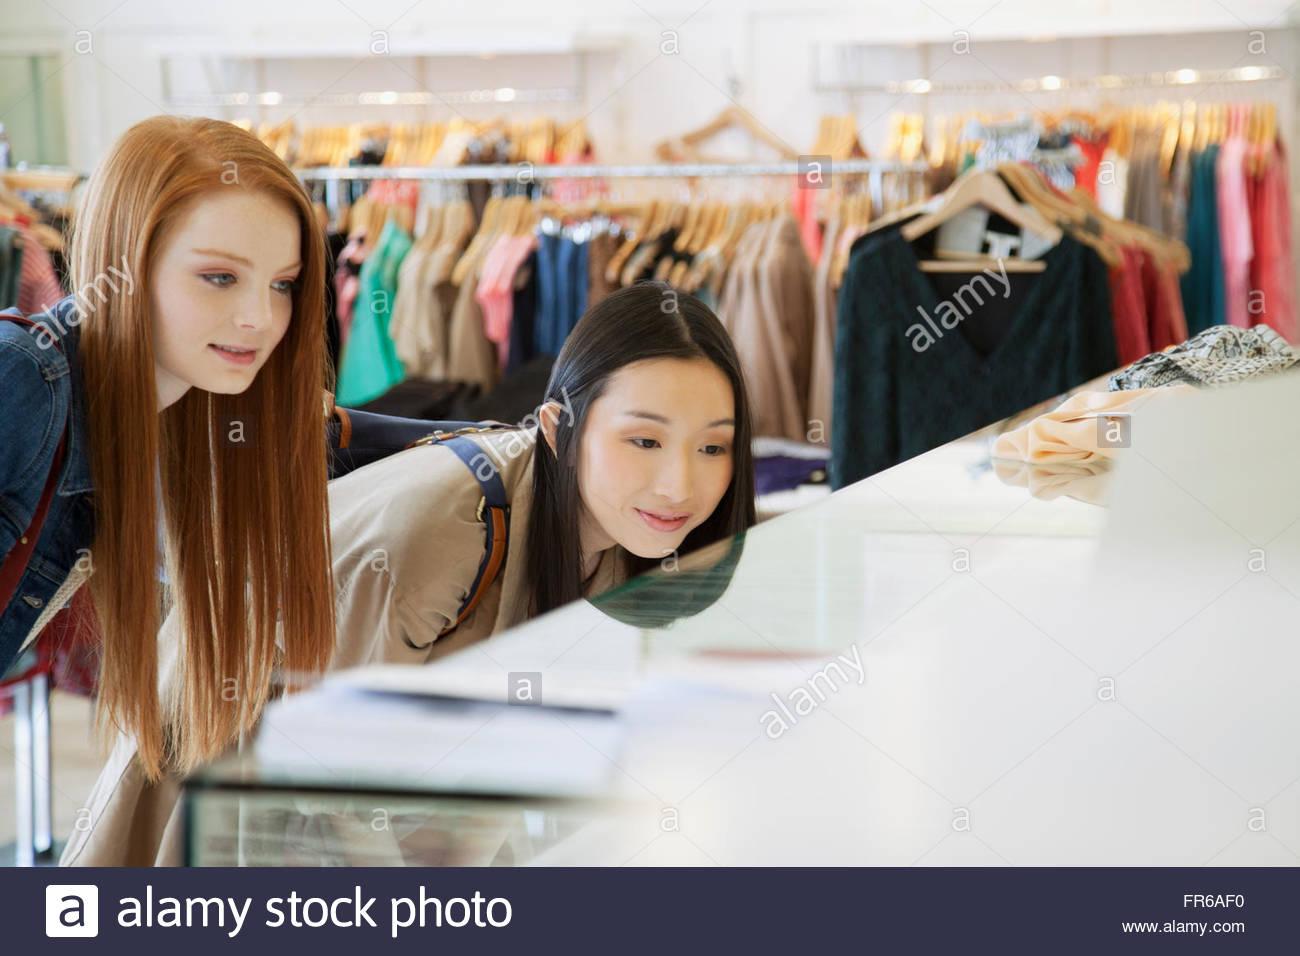 Freundinnen einkaufen in trendige Kleidung Shop Stockfoto